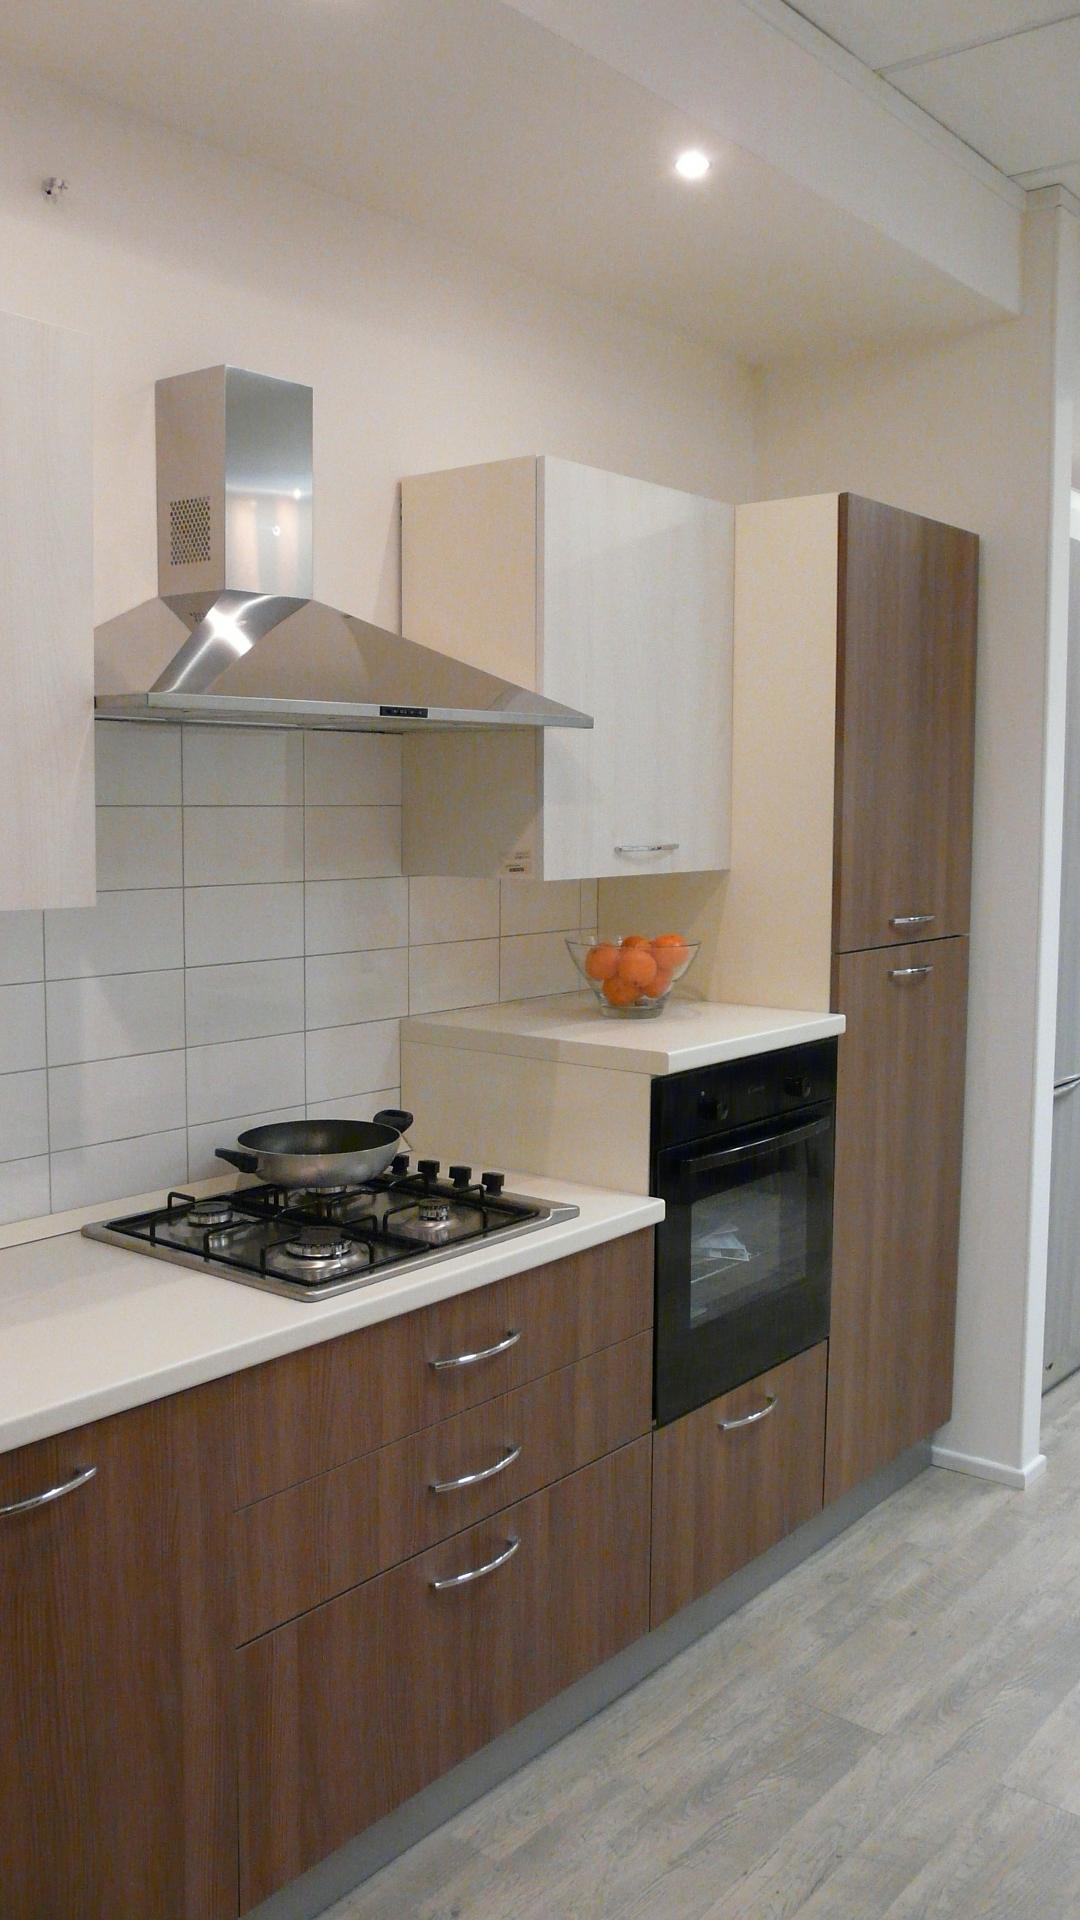 Cucina modello new smart cucine a prezzi scontati - Net cucine new smart ...